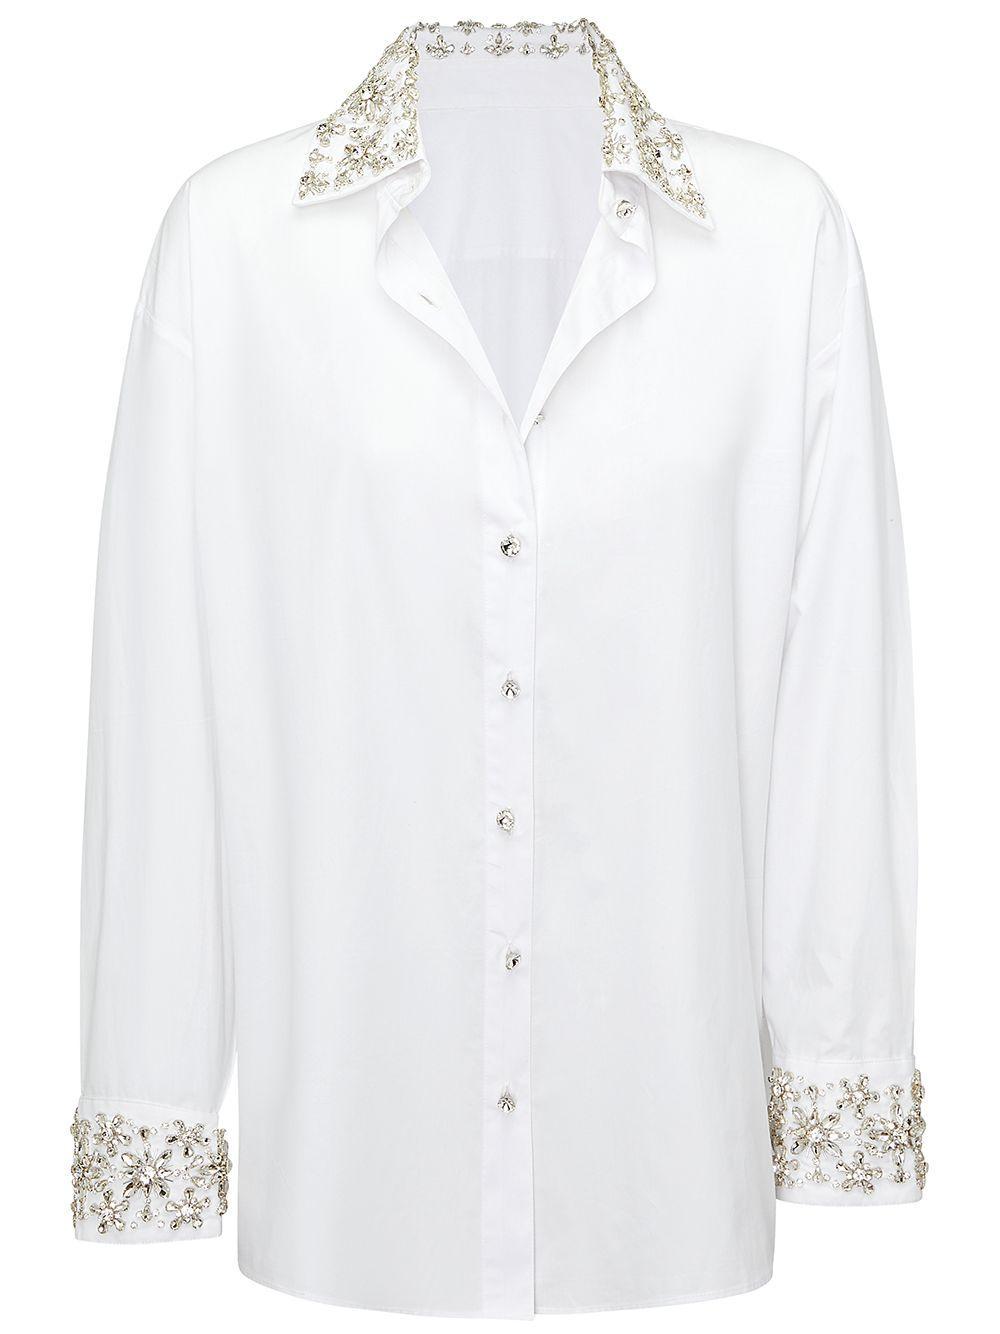 Reagan Embellished Shirt Item # SS21-3621